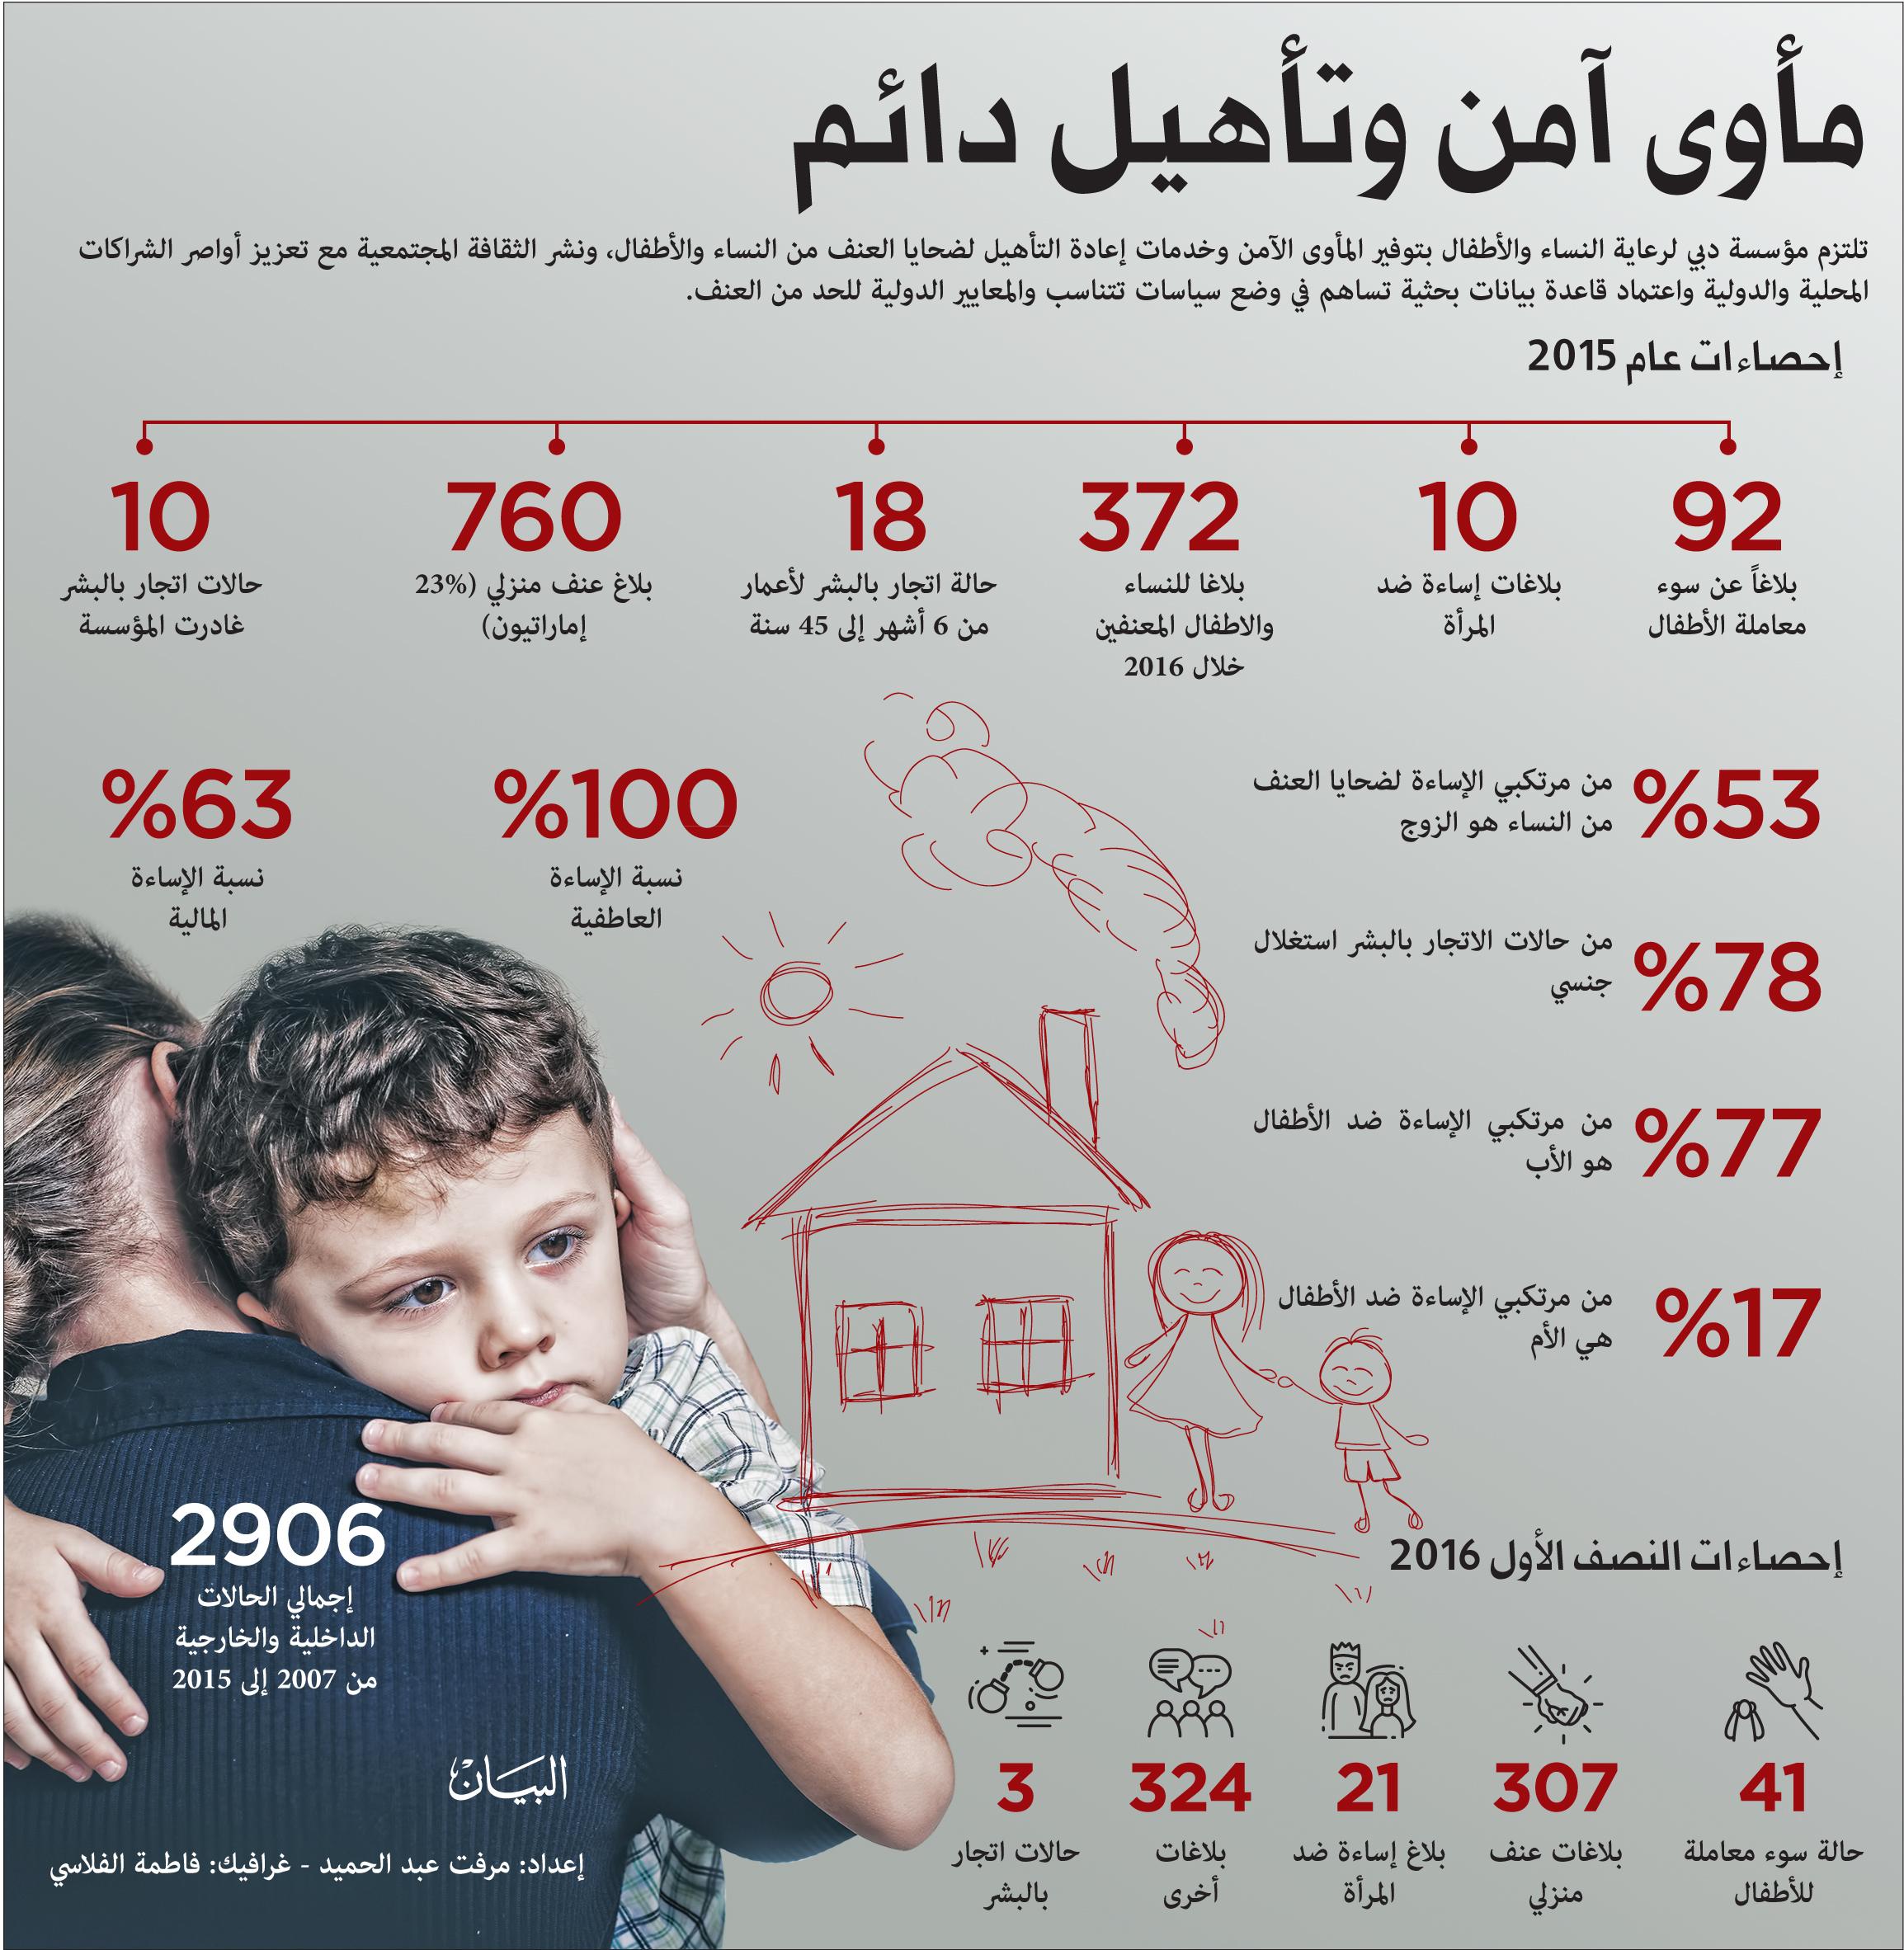 مؤسسة دبي لرعاية الأمهات والأطفال